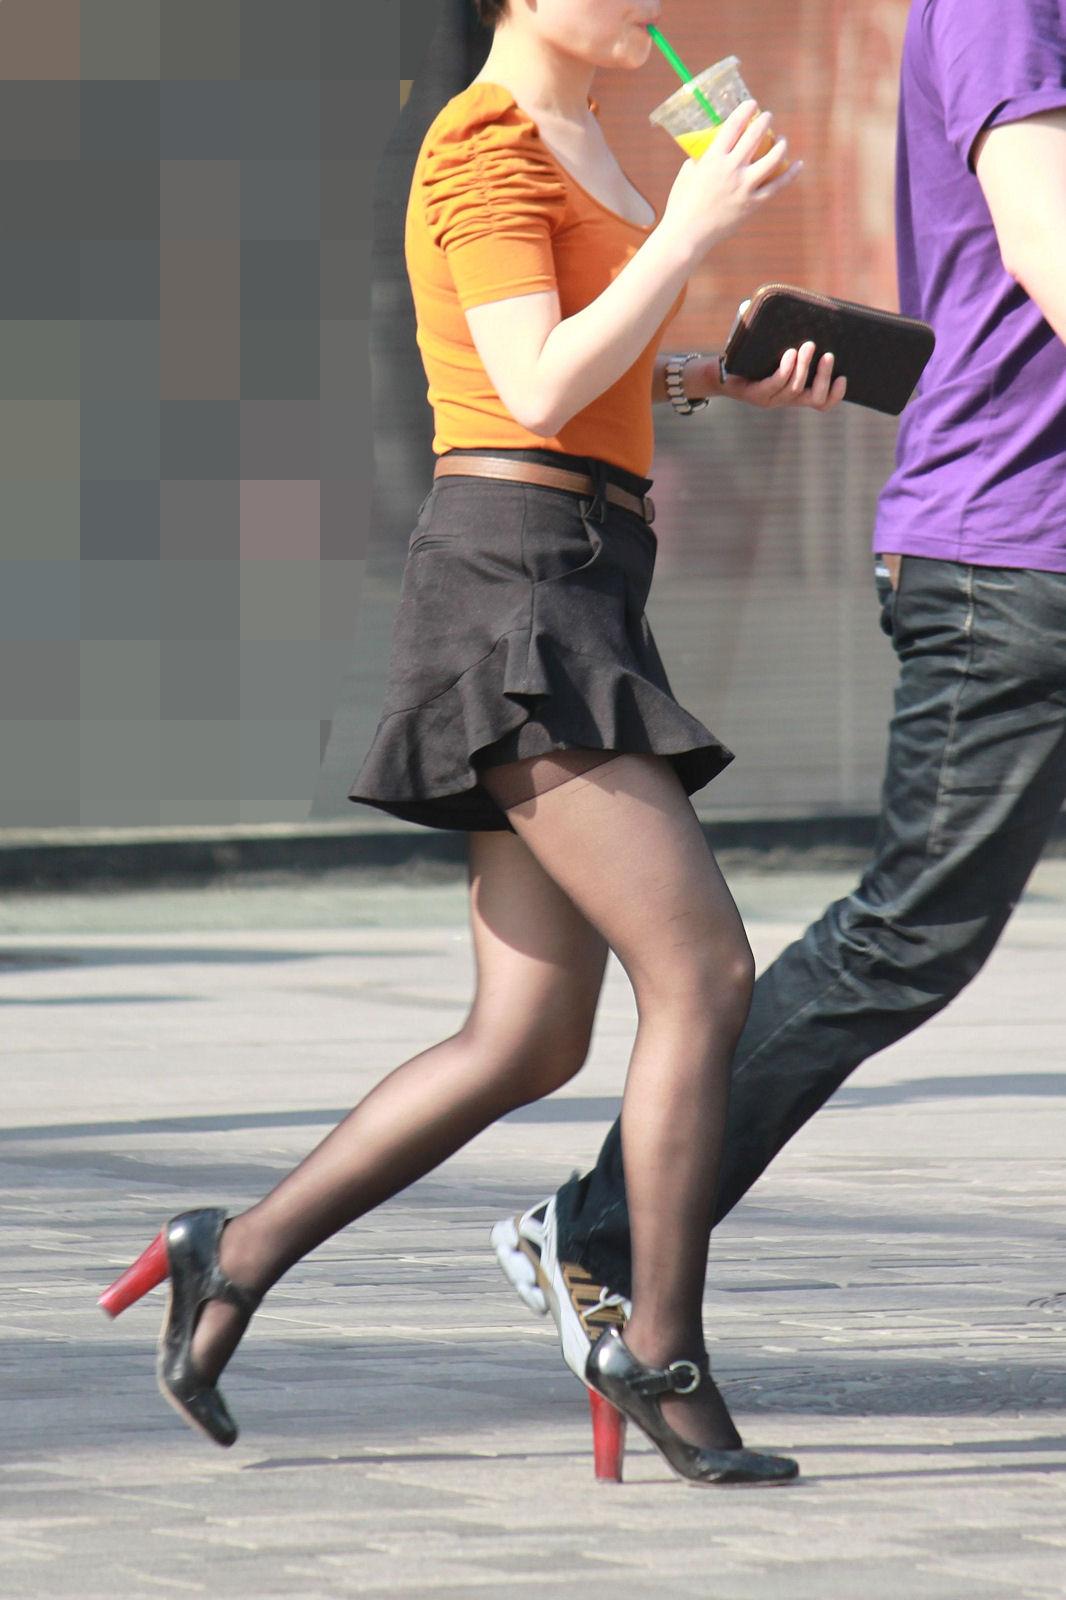 【美脚エロ画像】見せてるなら遠慮なく激写!街行く女性の色めき立つムッチリ美脚(*´Д`)